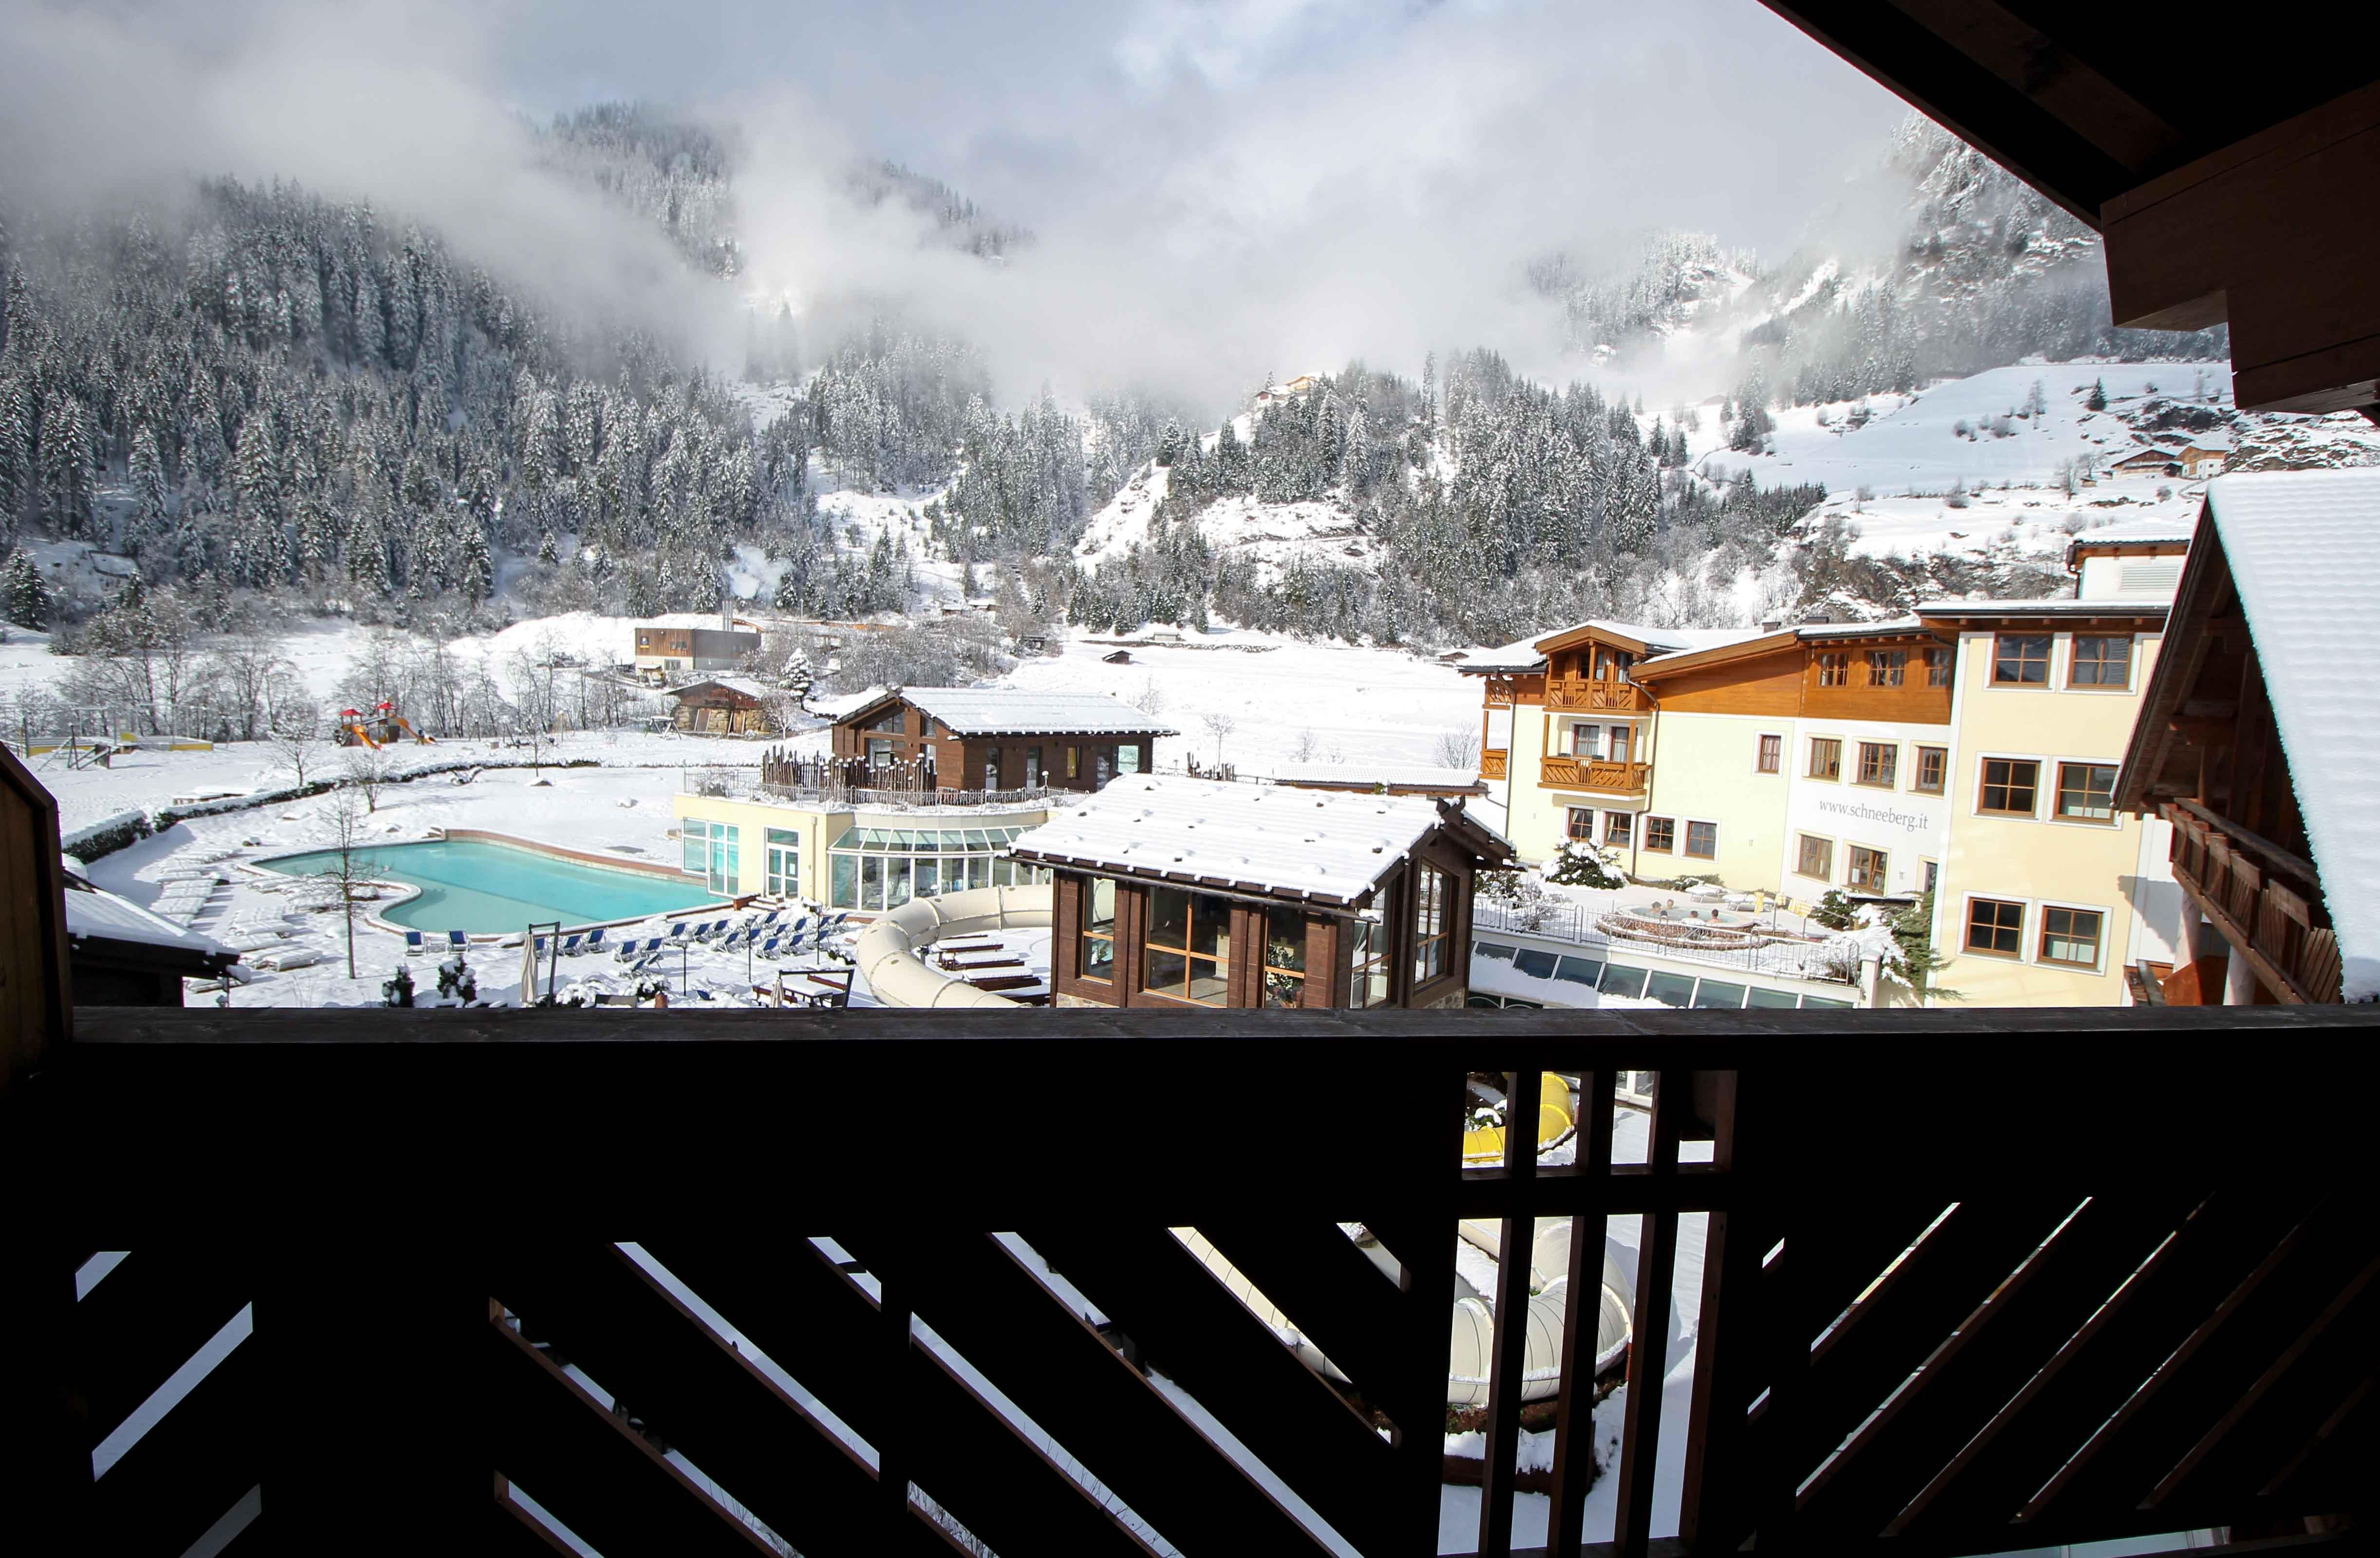 Südtirol Hotel Schneeberg Italien Wellnesshotel Reiseblog Wellnessurlaub Kurzurlaub Hotelempfehlung Skiurlaub Winterurlaub Balkon Berge Pool Winterlandschaft